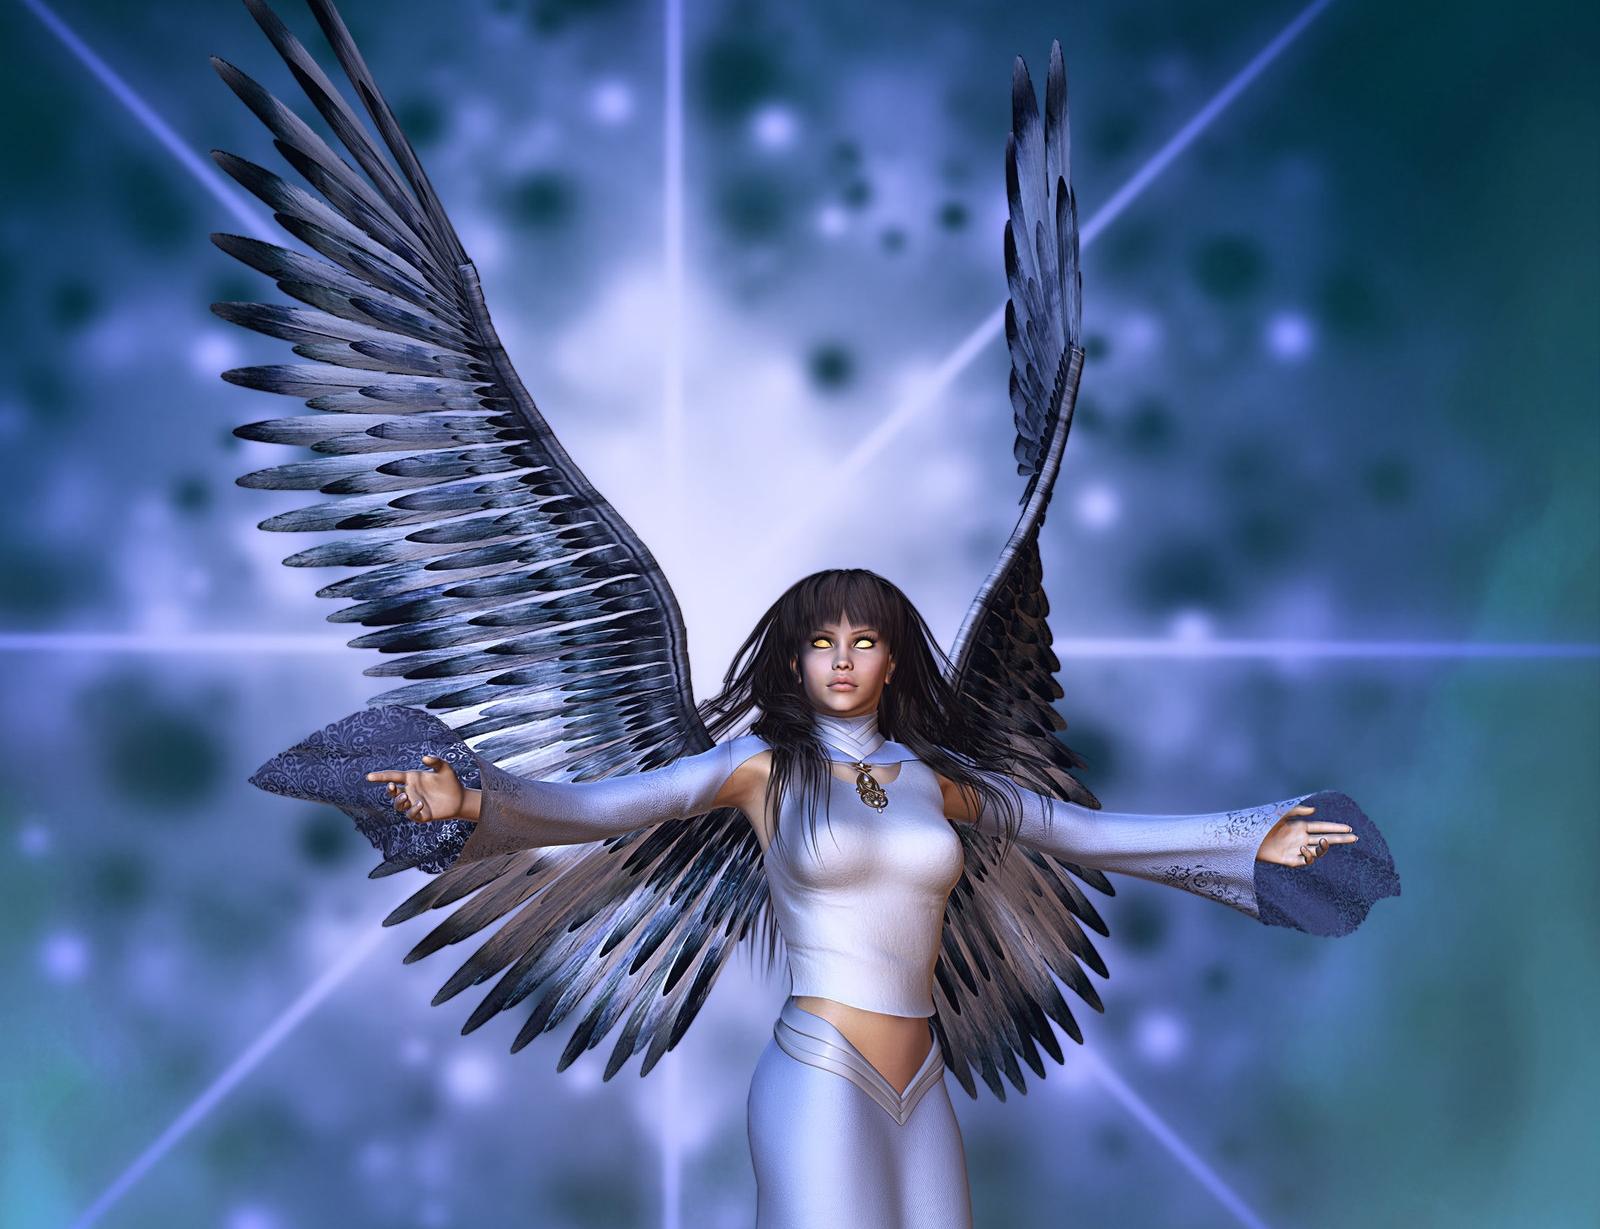 самые крутые картинки ангелов правило, для